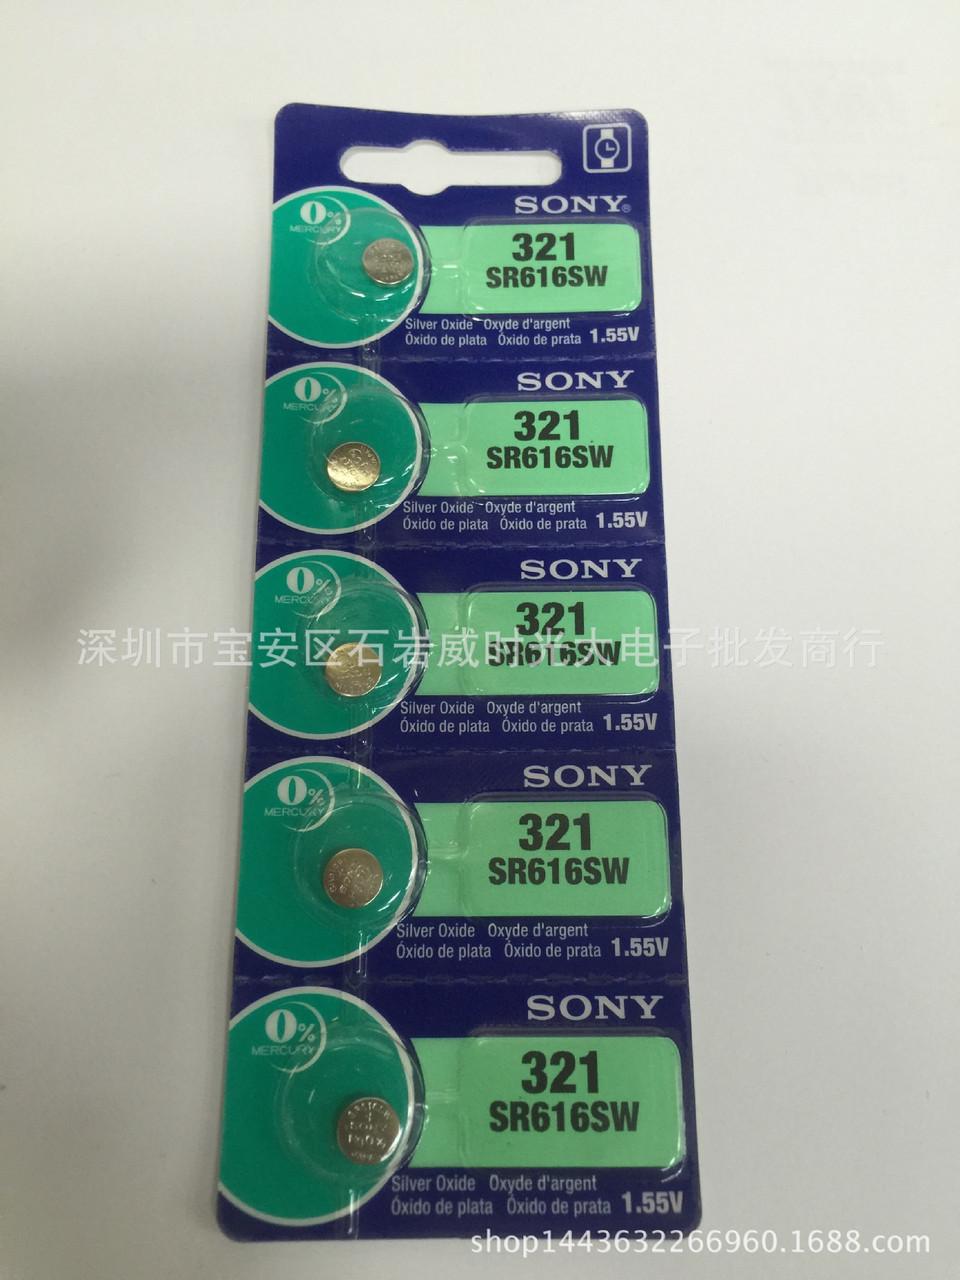 Батарейки Sony SR616sw (321) на наручные кварцевые часы